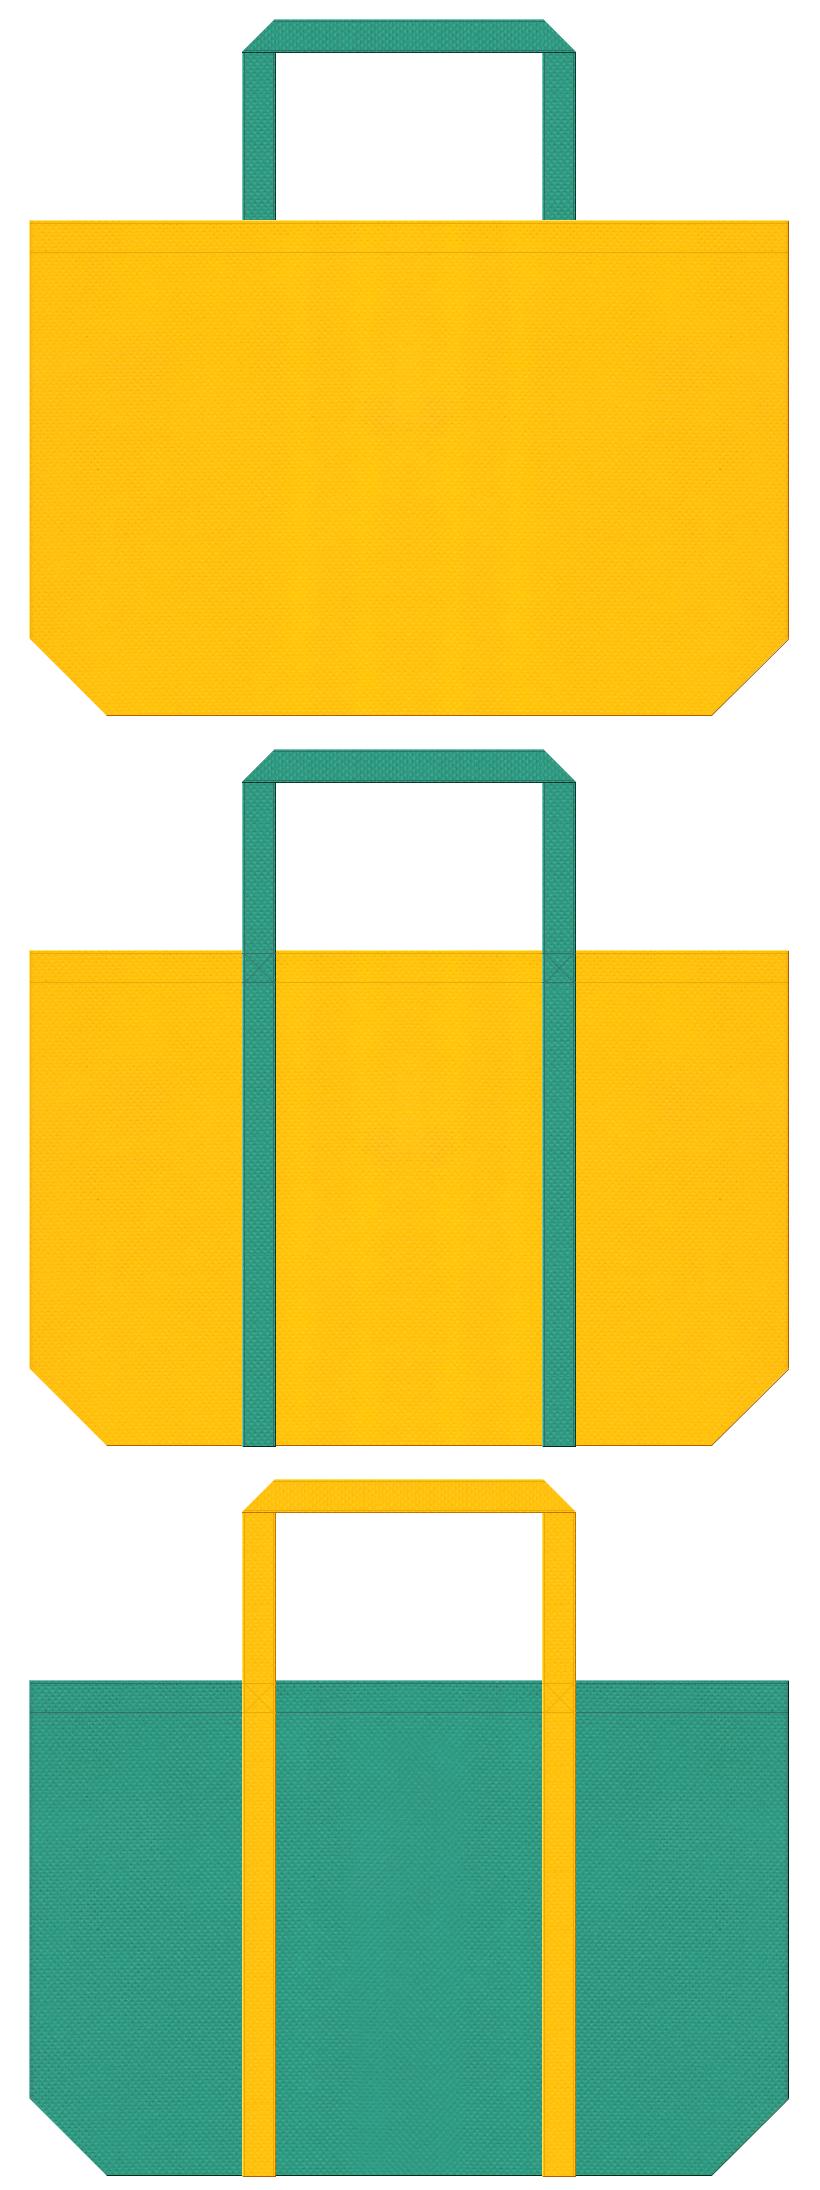 黄色と青緑色の不織布バッグデザイン。遊園地、ゲーム、おもちゃのショッピングバッグにお奨めです。